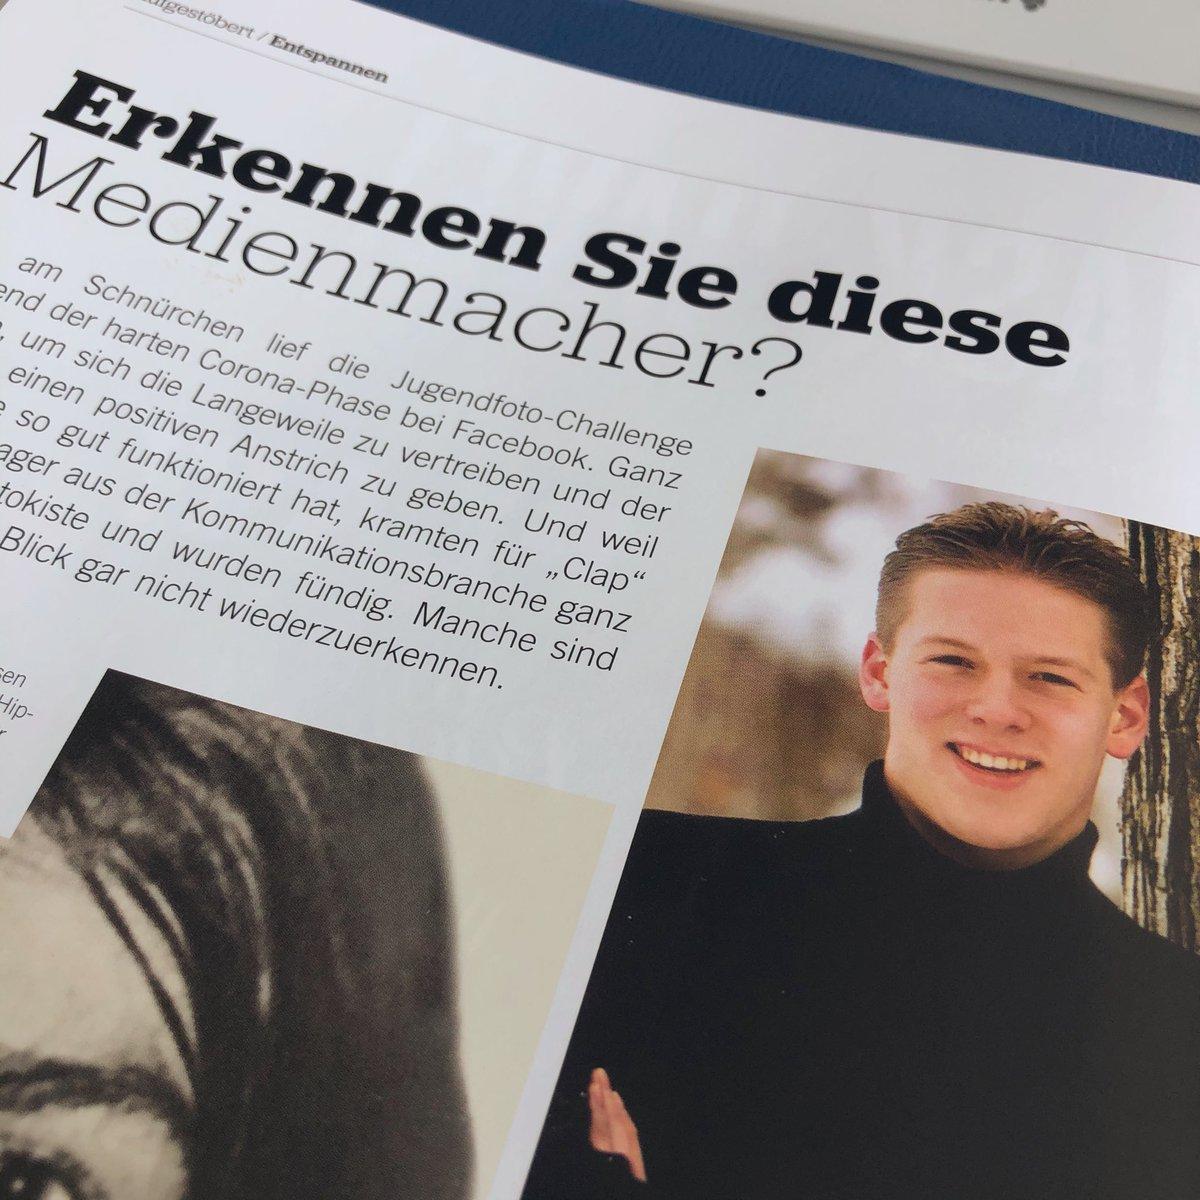 Jugendfoto-Challenge geht auch offline! 👉🏻 Das neue #clap Magazin ist da. #highschool #seniorpicture #graduation2001 @newshausen #bijanpeymani https://t.co/xjgjSigEVw